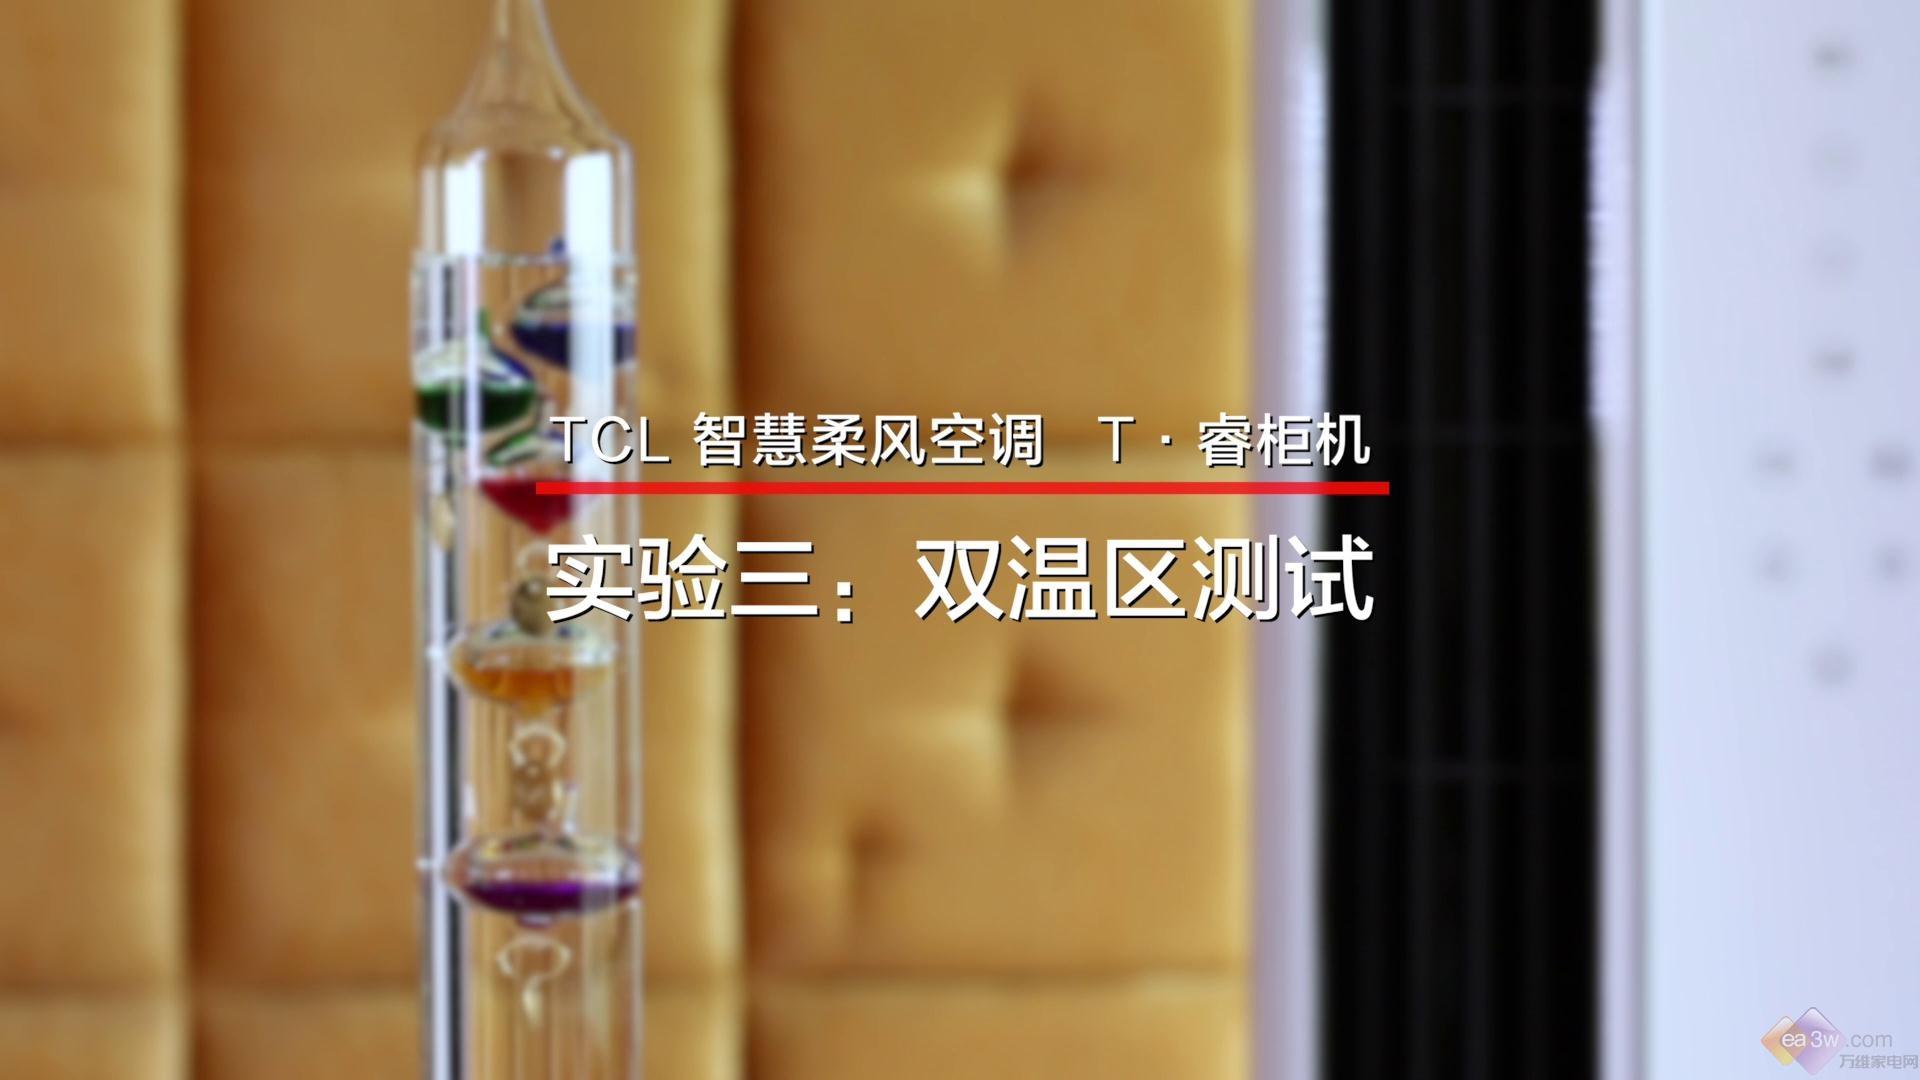 守护健康守护爱,TCL 智慧柔风空调T睿柜机评测